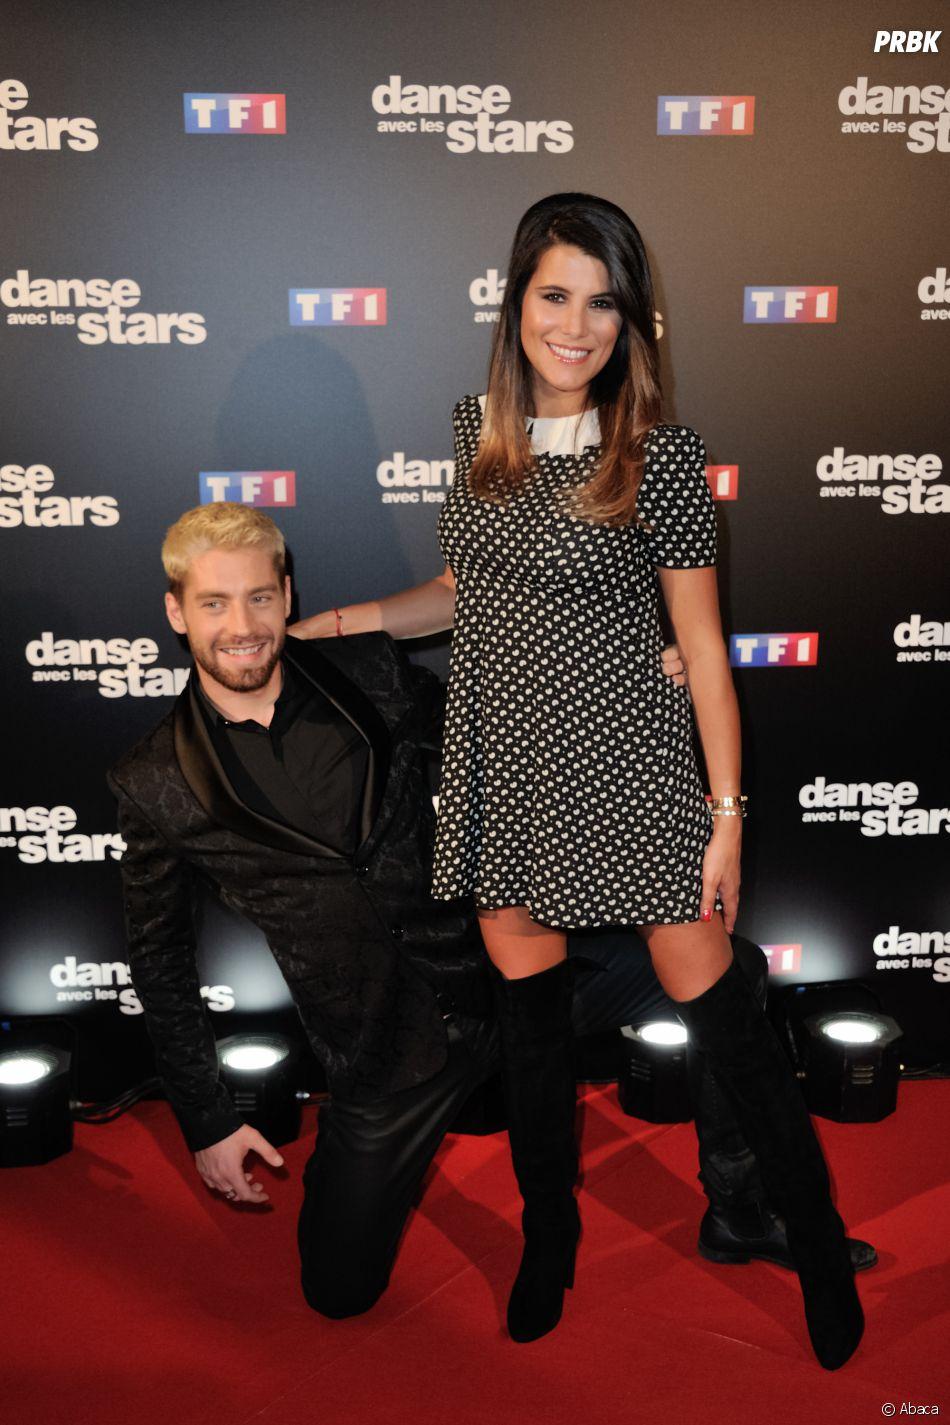 Karine Ferri dansera avec Yann-Alrick Mortreuil dans Danse avec les stars 7.